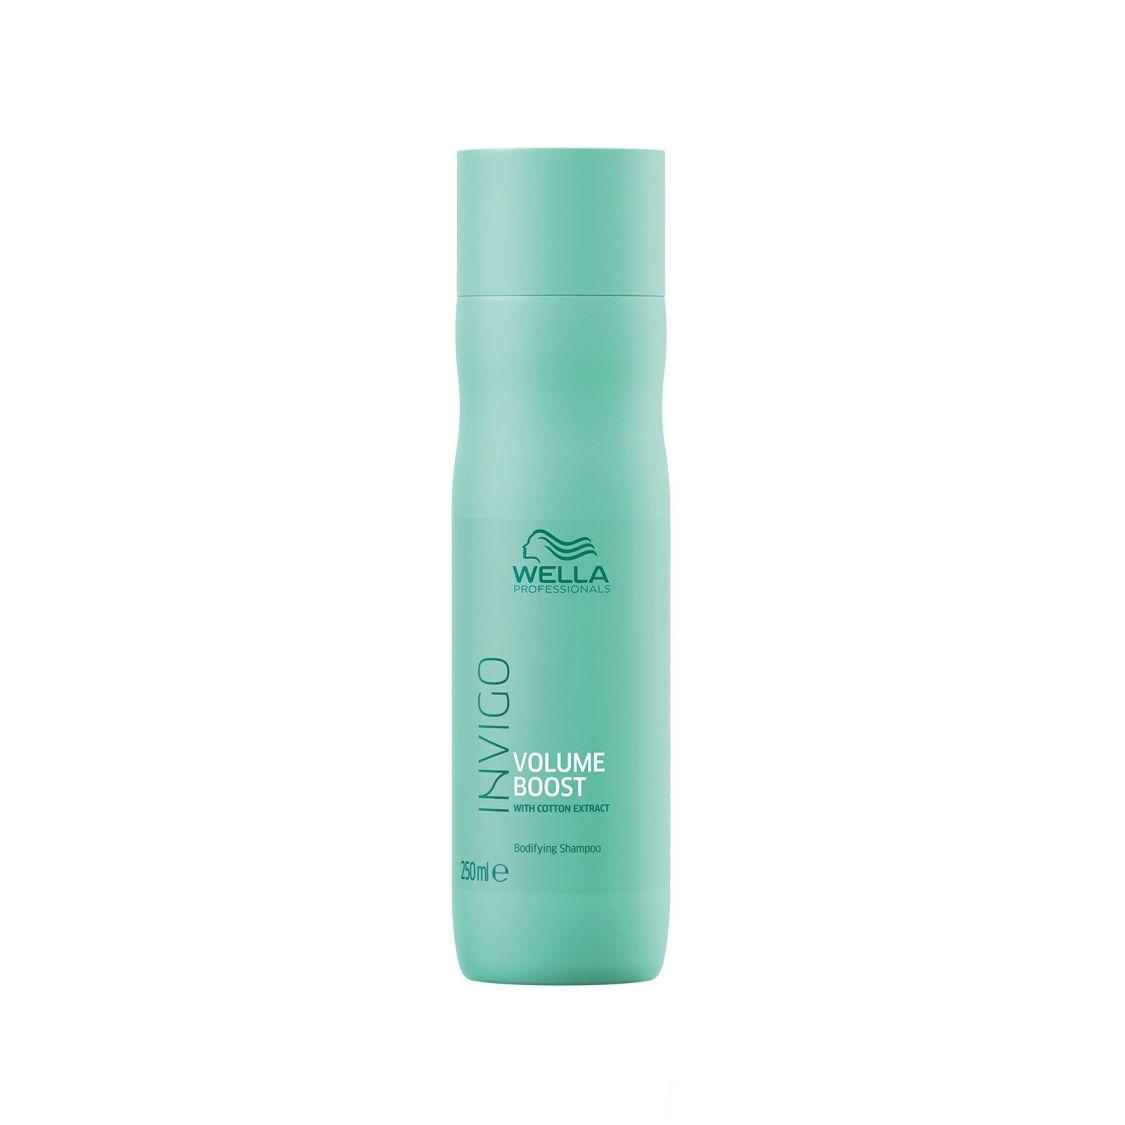 Wella INVIGO Volume Boost Volumen Shampoo 250ml